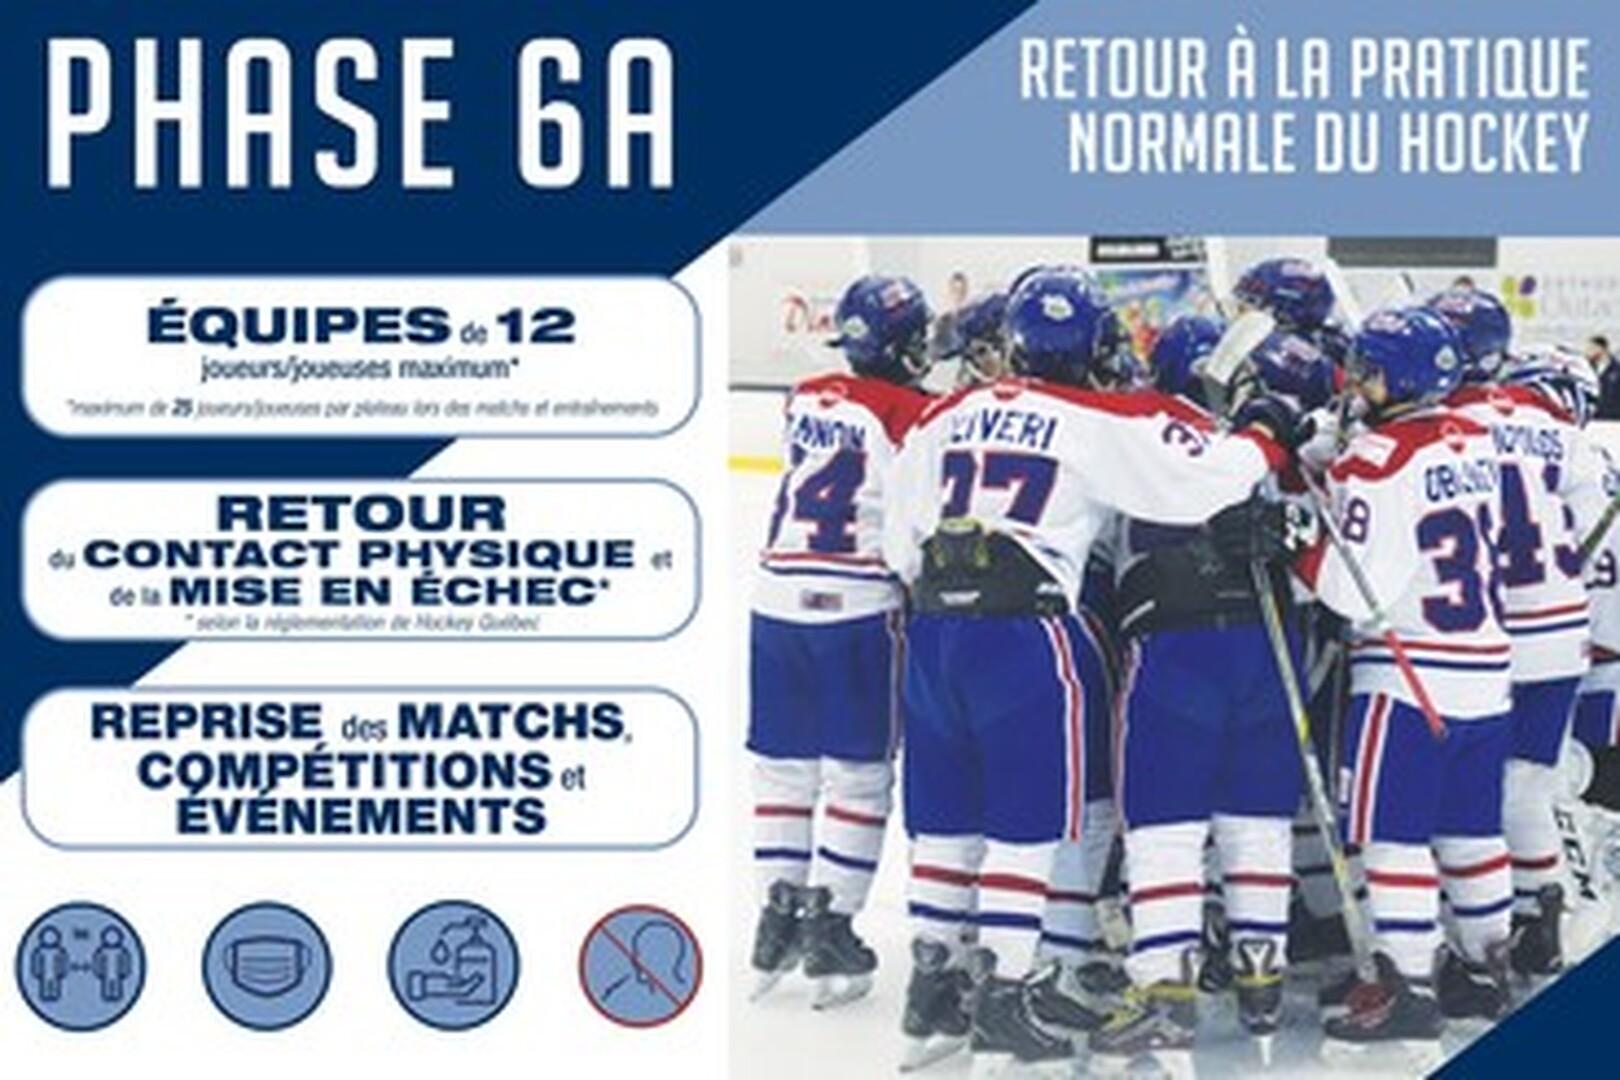 Retour de Hockey